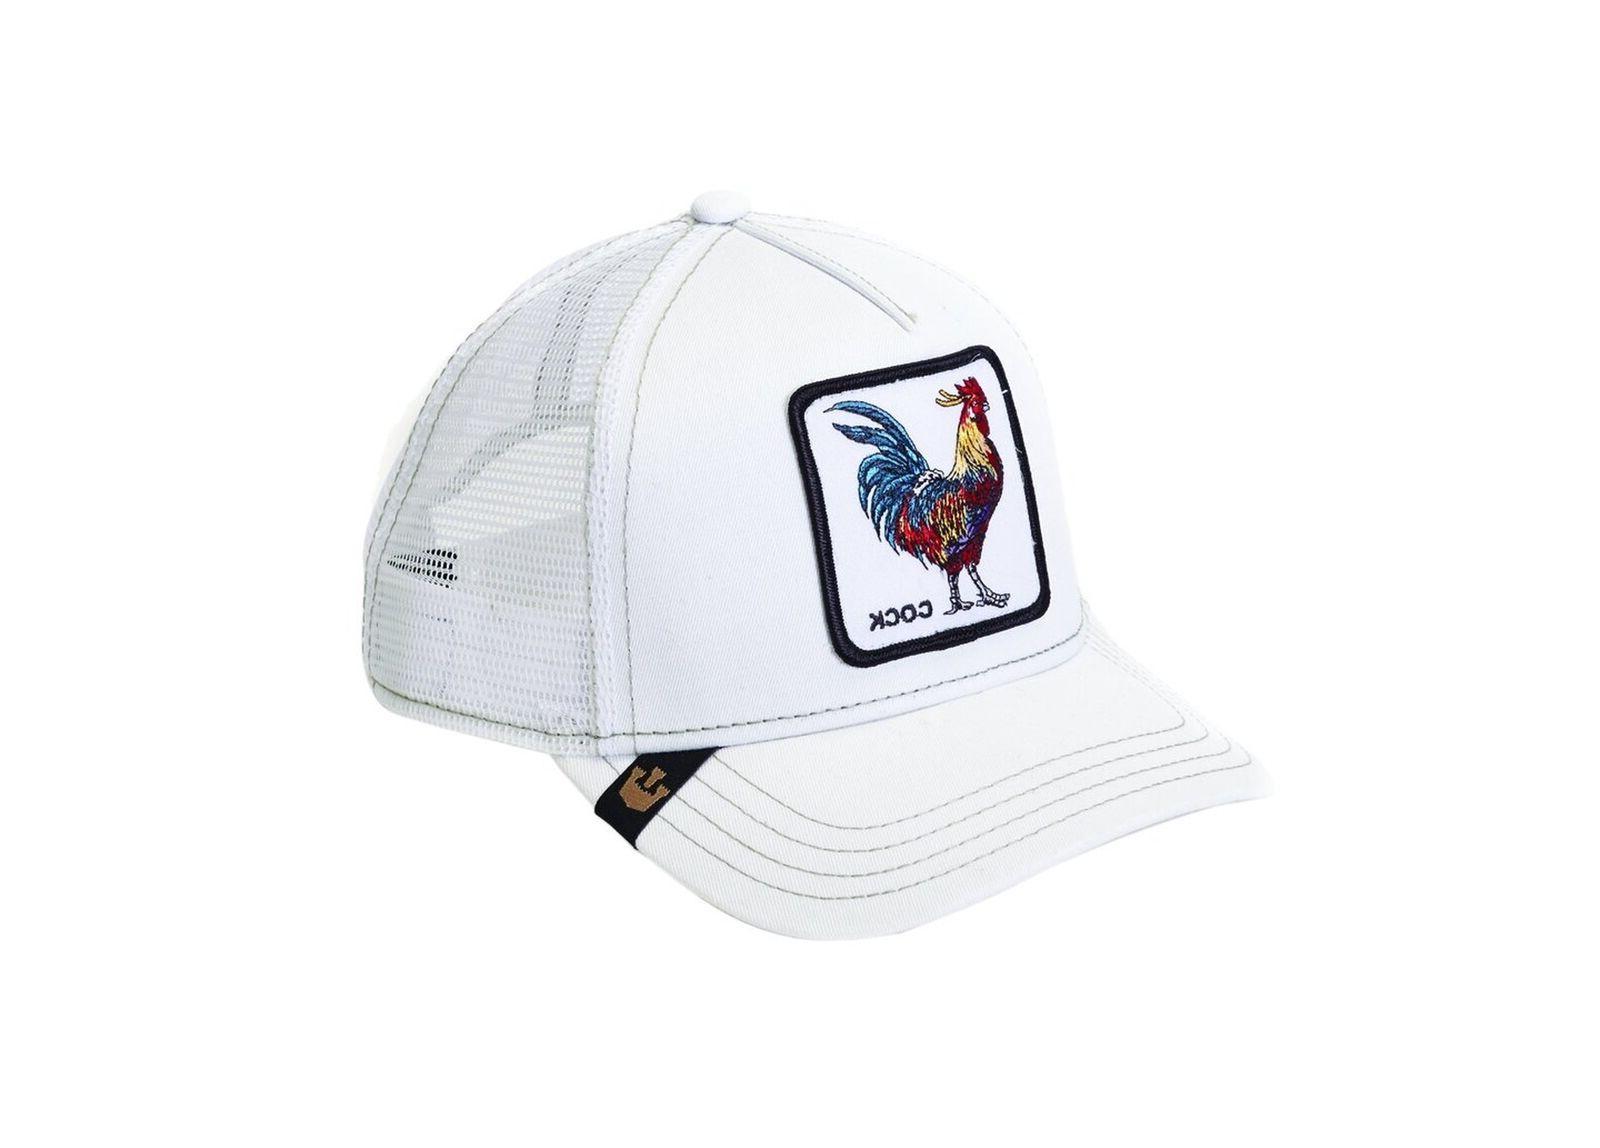 Goorin Bros. Animal Farm Trucker Snapback Hat Cap Gallo All